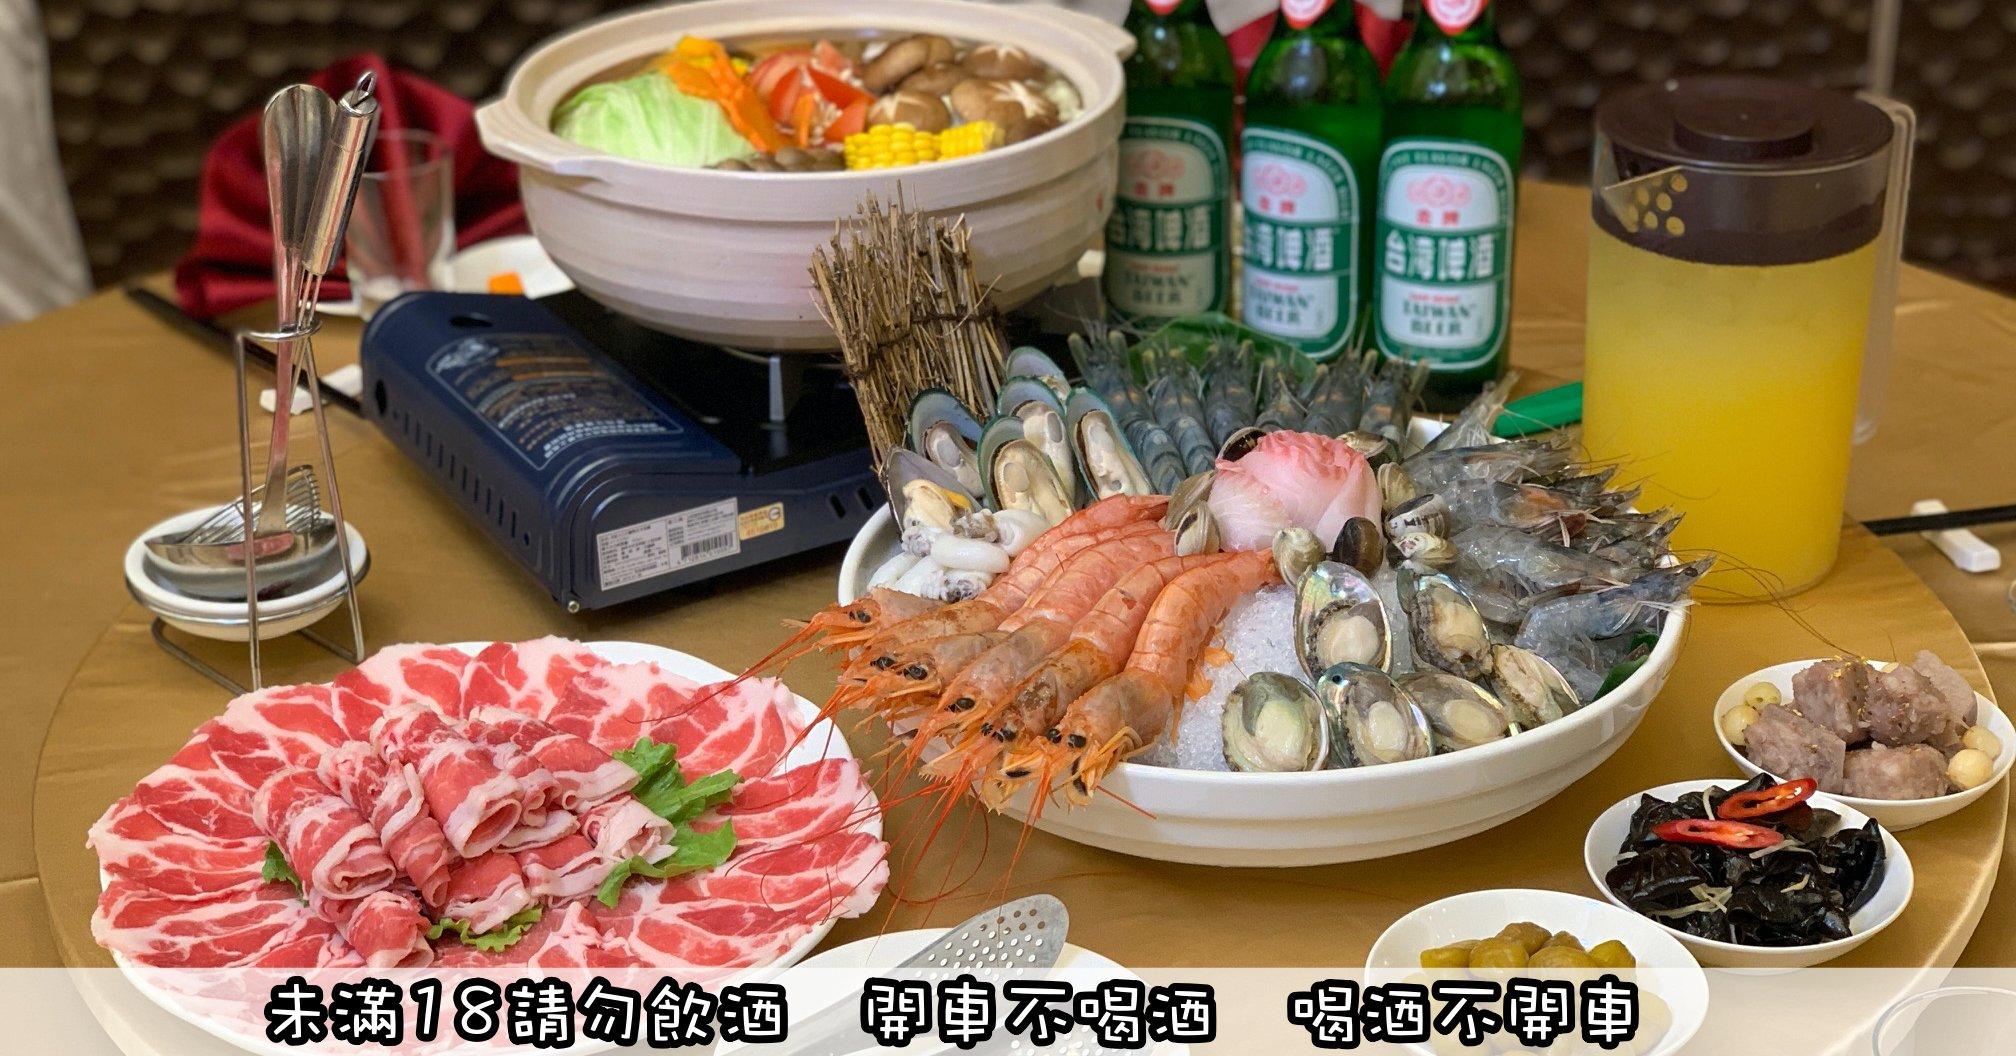 晶宴會館,海鮮蝦霸鍋,晶宴新莊館 @Nash,神之領域